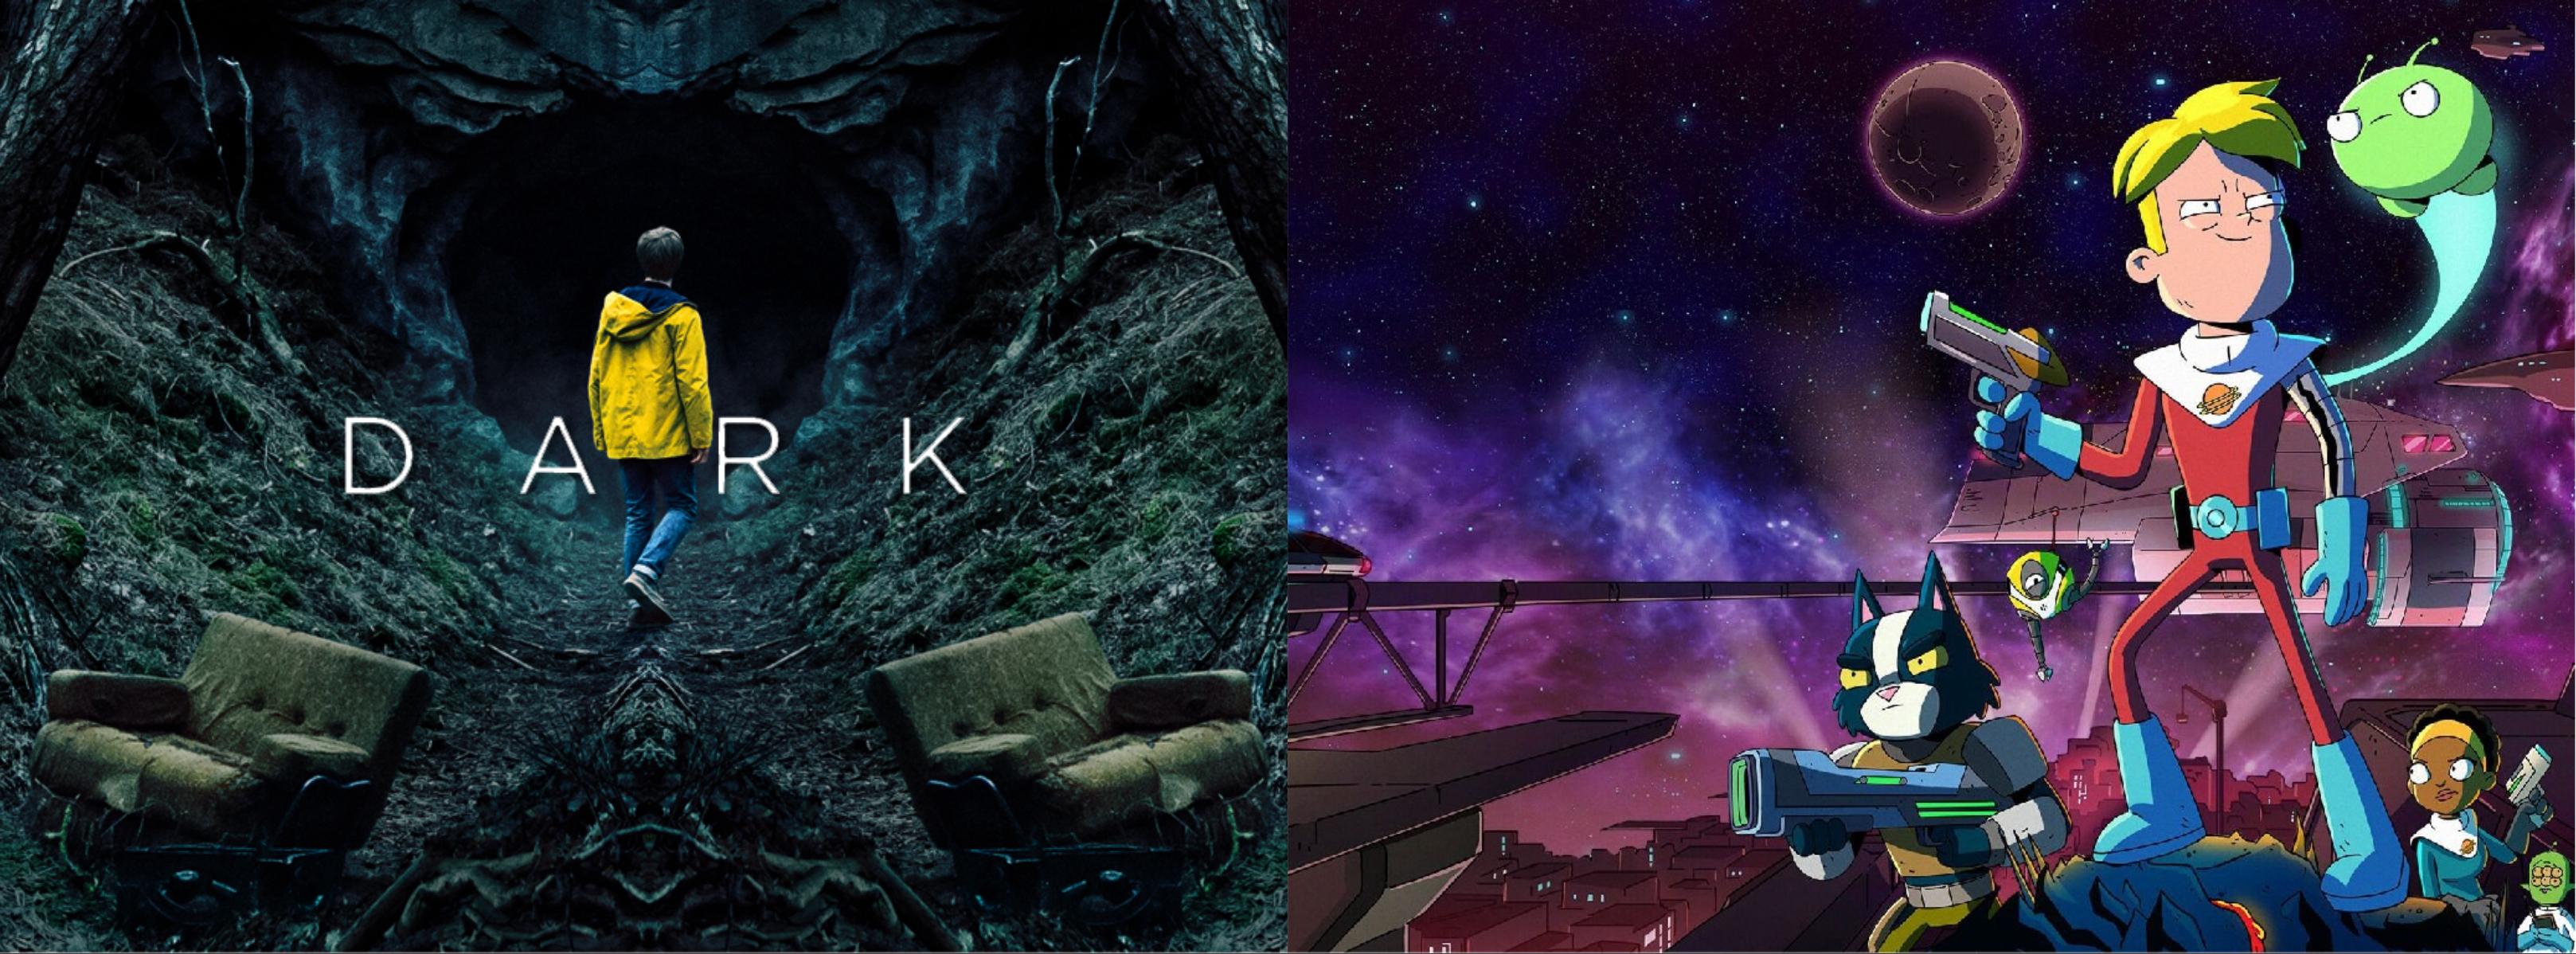 È tutto già scritto? Dark e Final Space come possibili risposte al determinismo